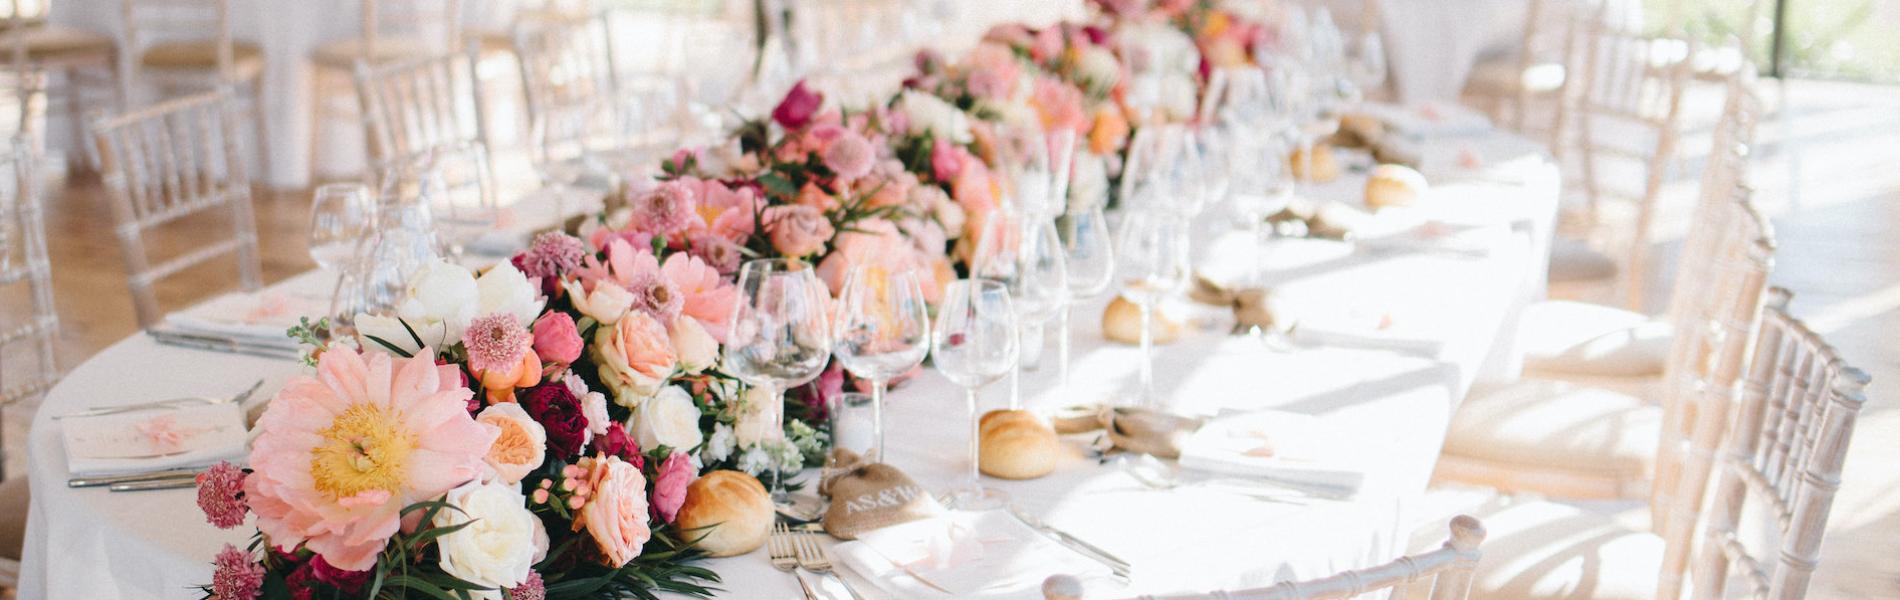 guirlande fleurie table